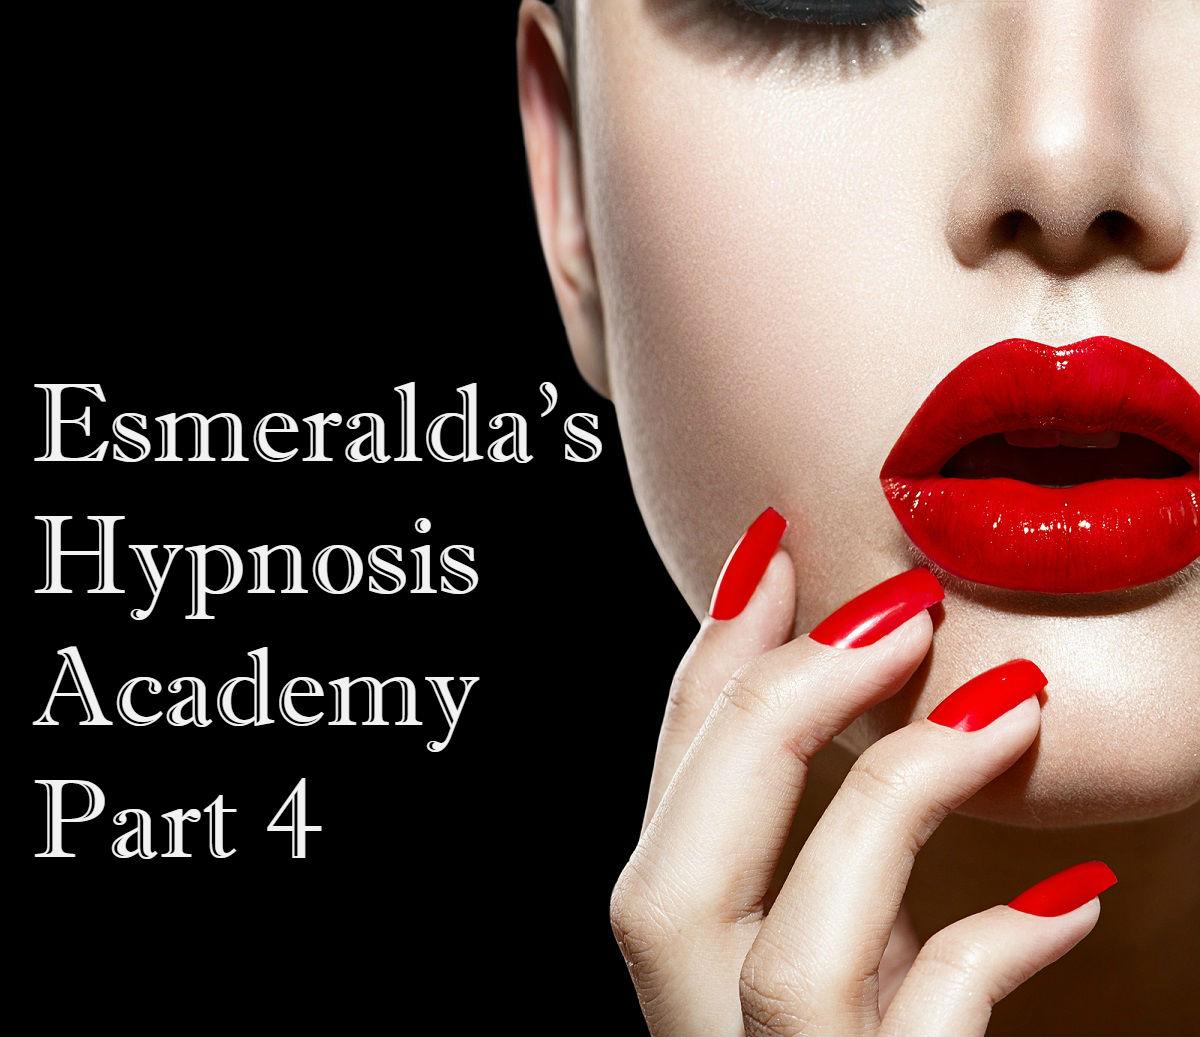 Esmeraldas Hypnosis Academy Pt 4